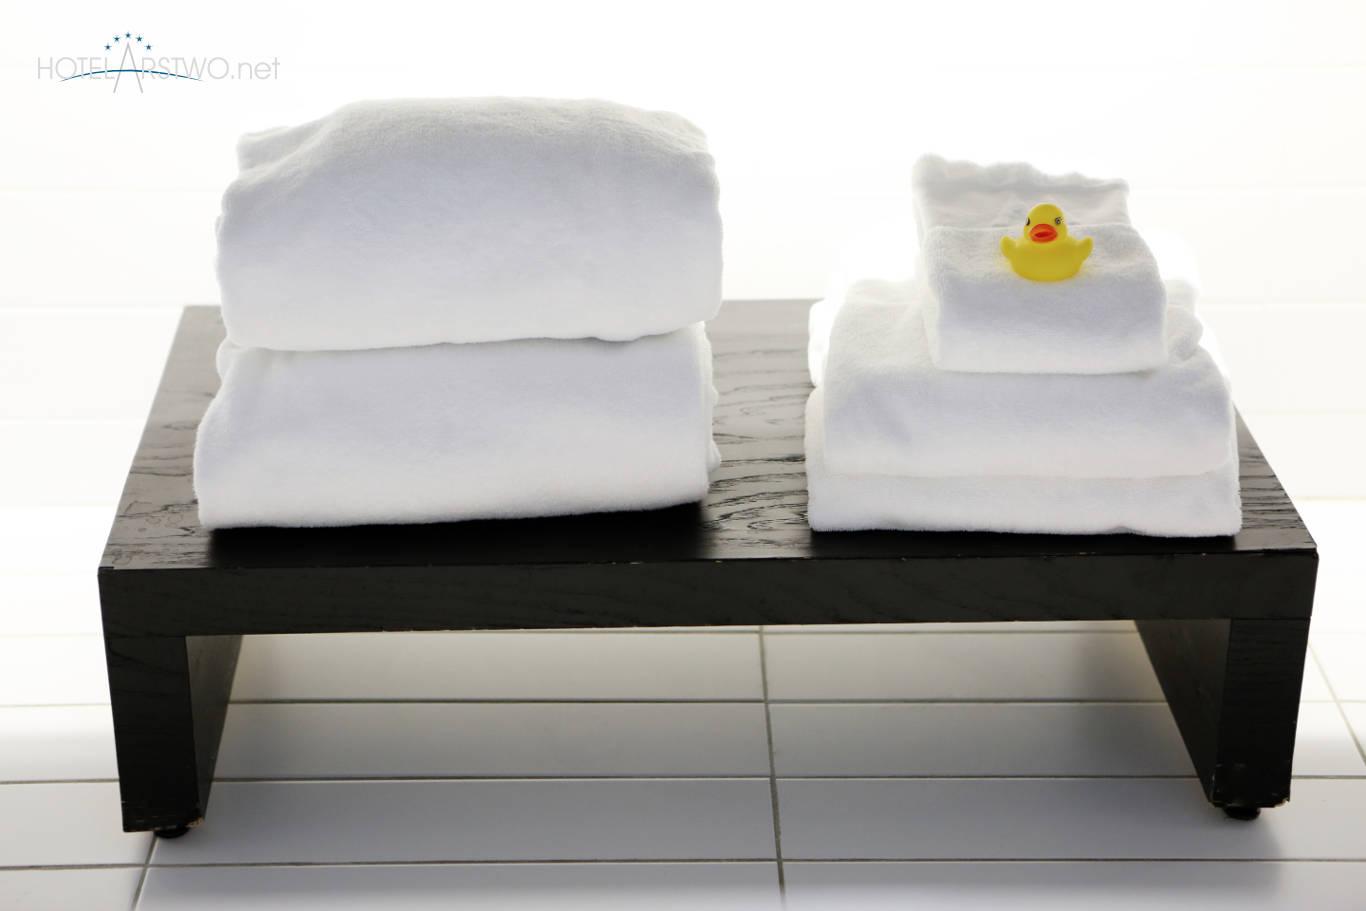 czystosc-5-fundamentalnych-potrzeb-ktore-musi-zaspokoic-prawdziwy-hotel_hotelarstwo.net